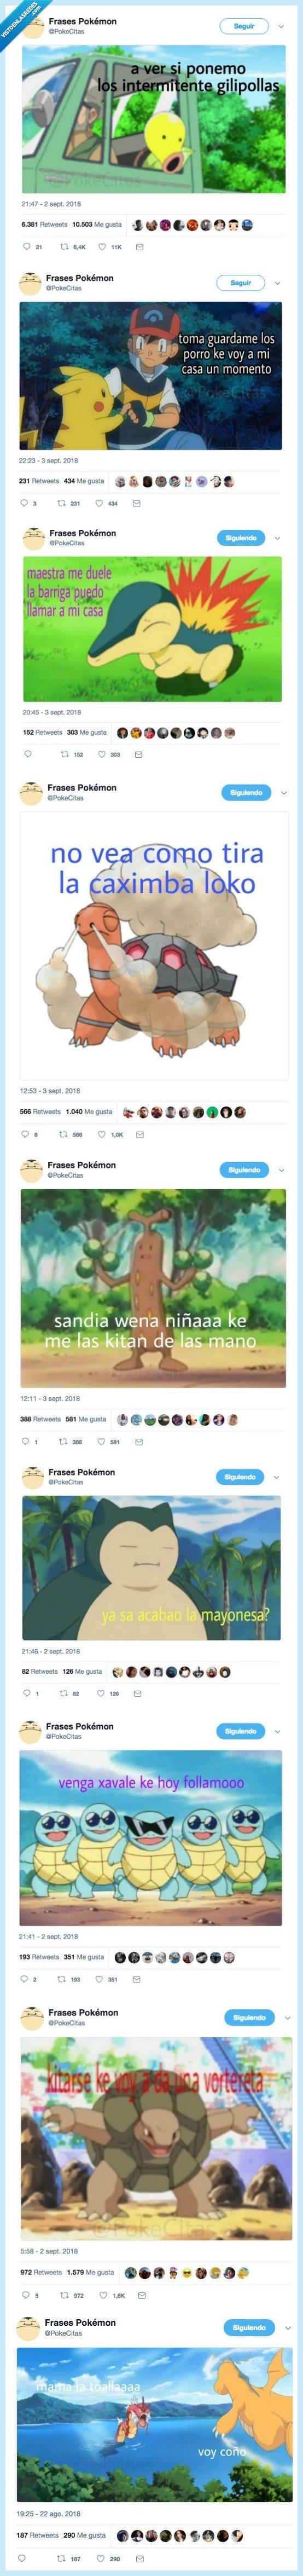 pokecitas,pokemon memes